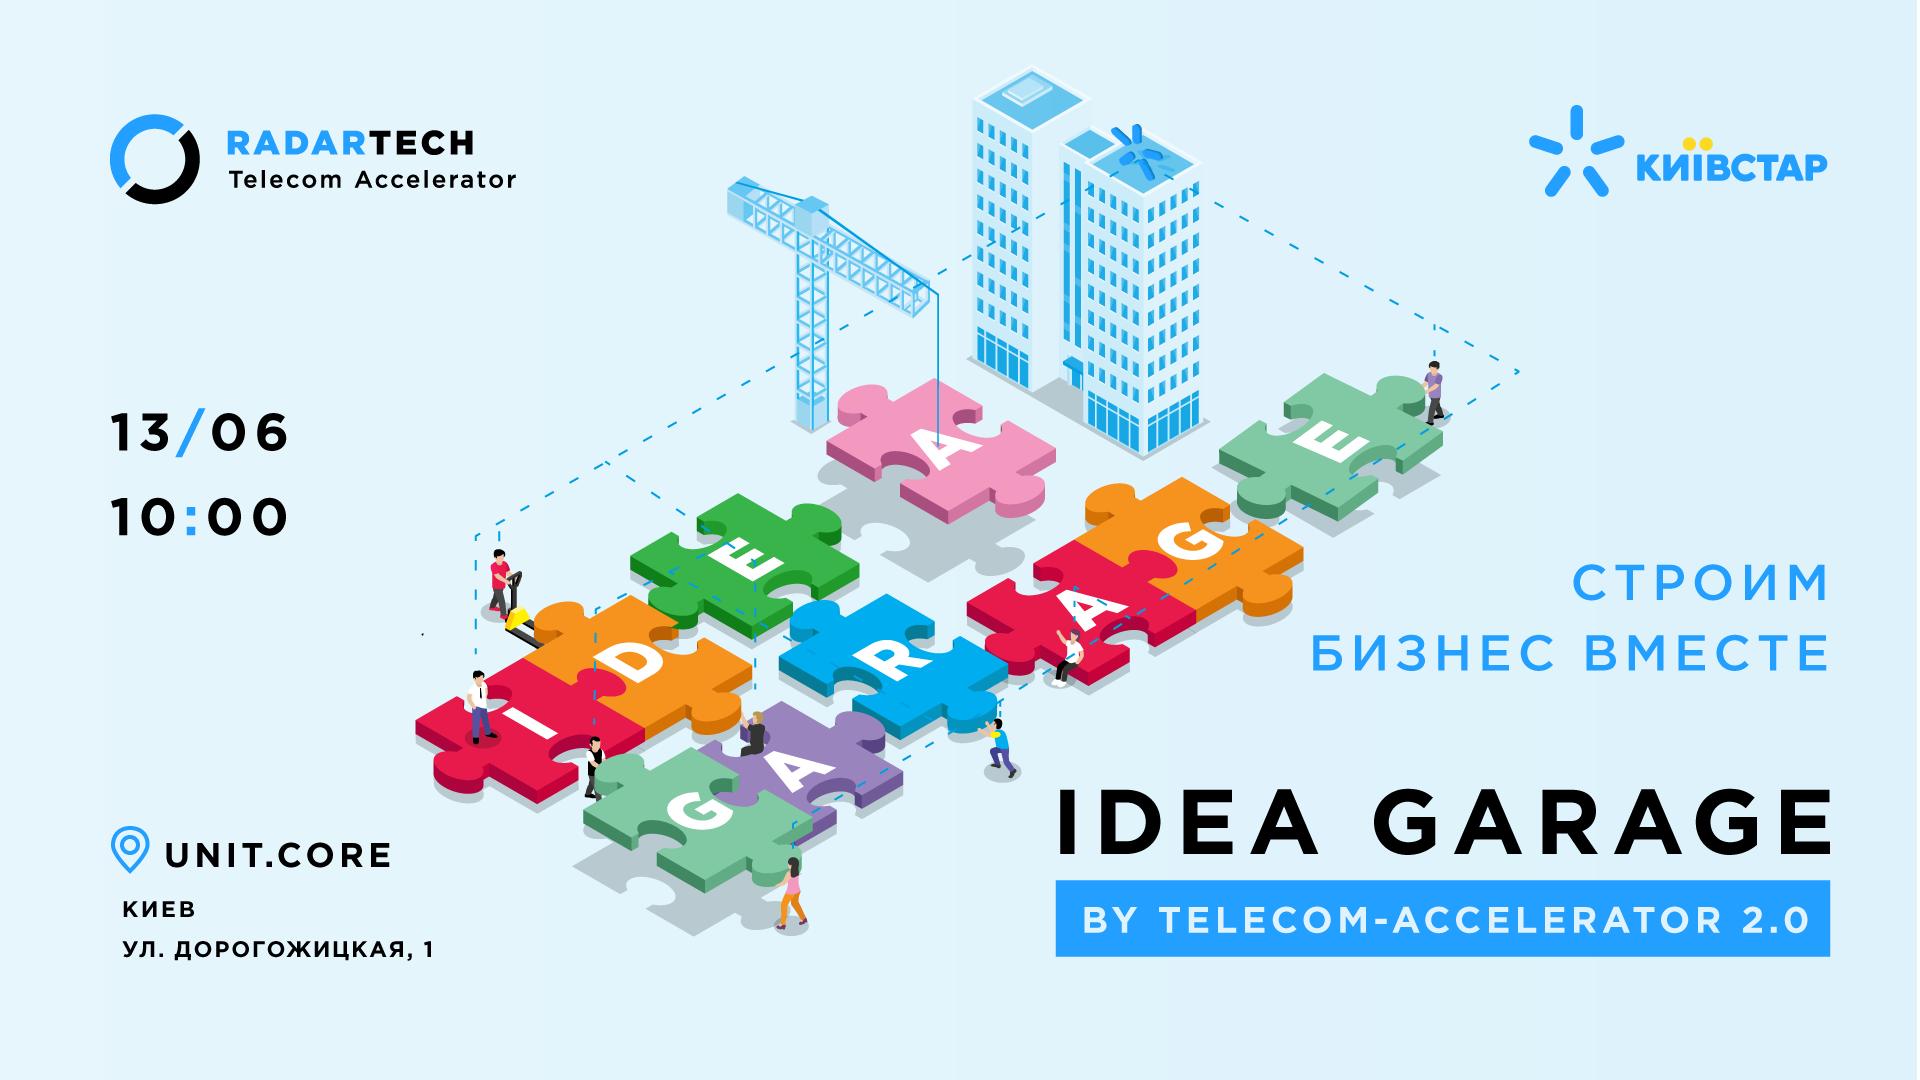 Киевстар и Radar Tech пригласили на Idea Garage ‒  хакатон инноваций от Телеком-акселератора 2.0